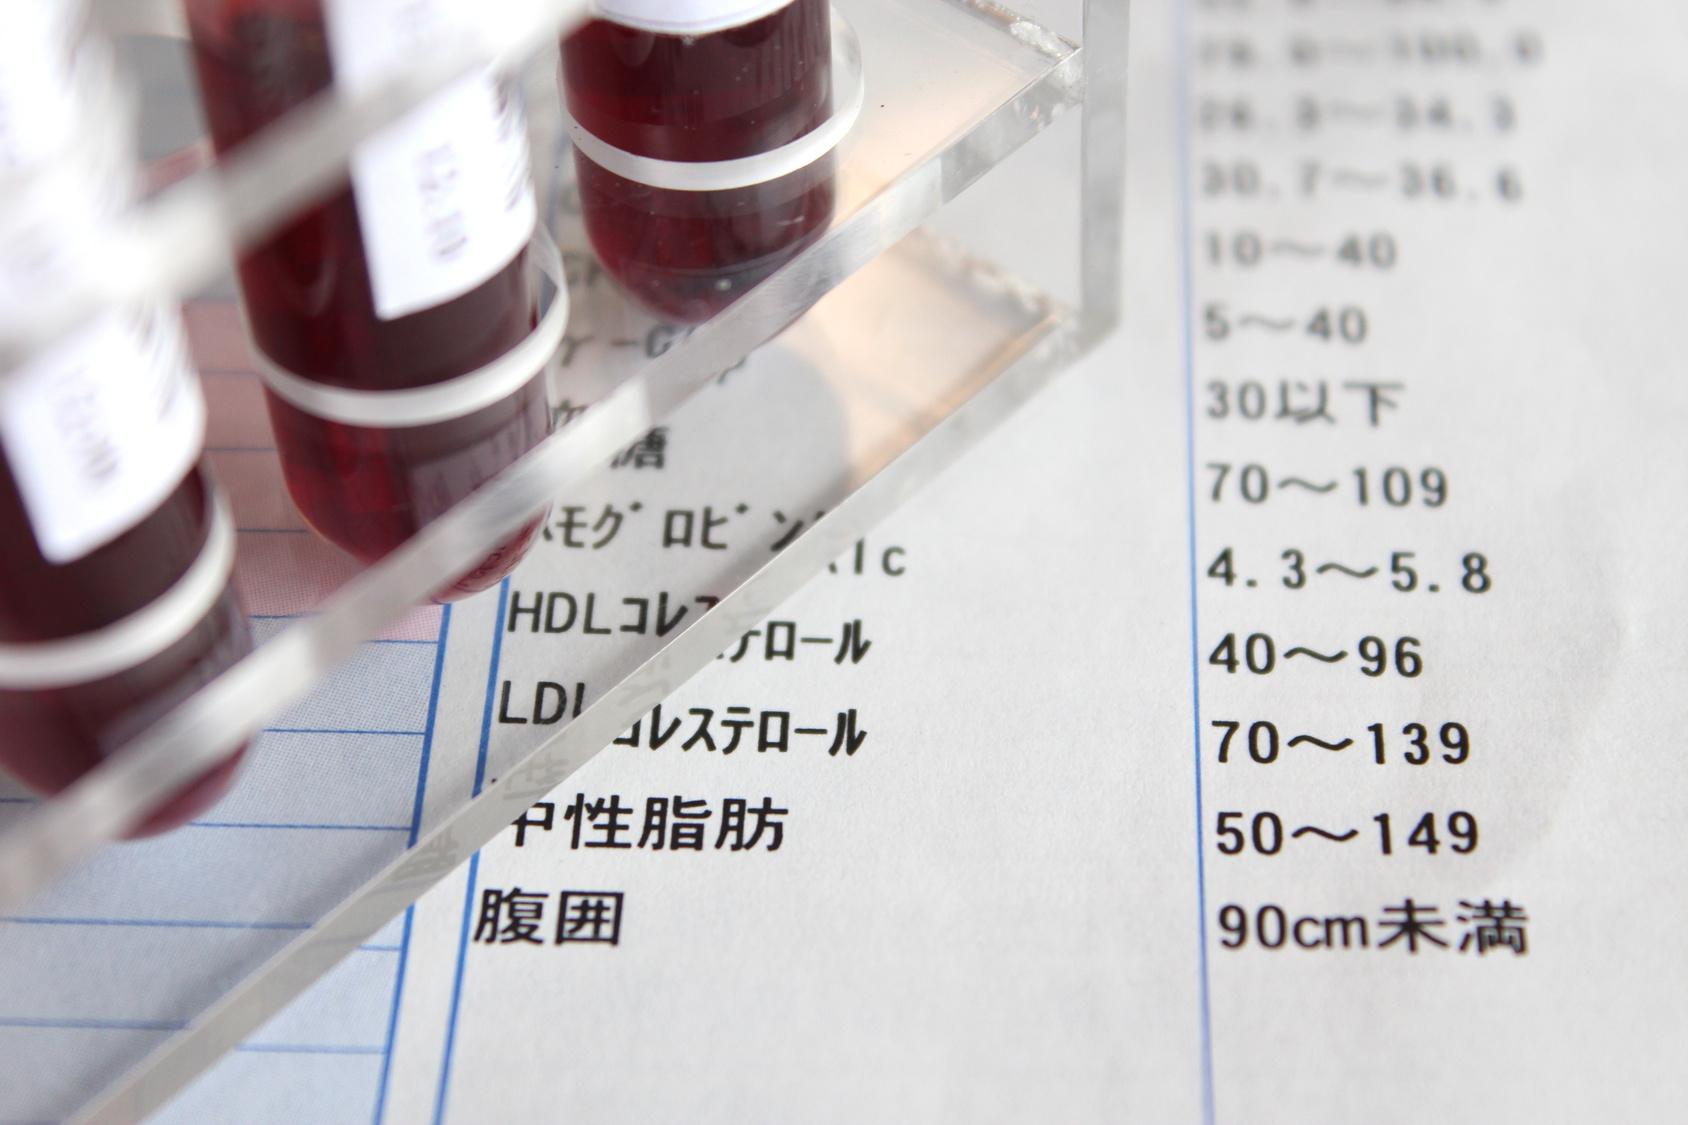 血液検査でHDLコレステロール(善玉コレステロール)が低いと良いの?悪いの?